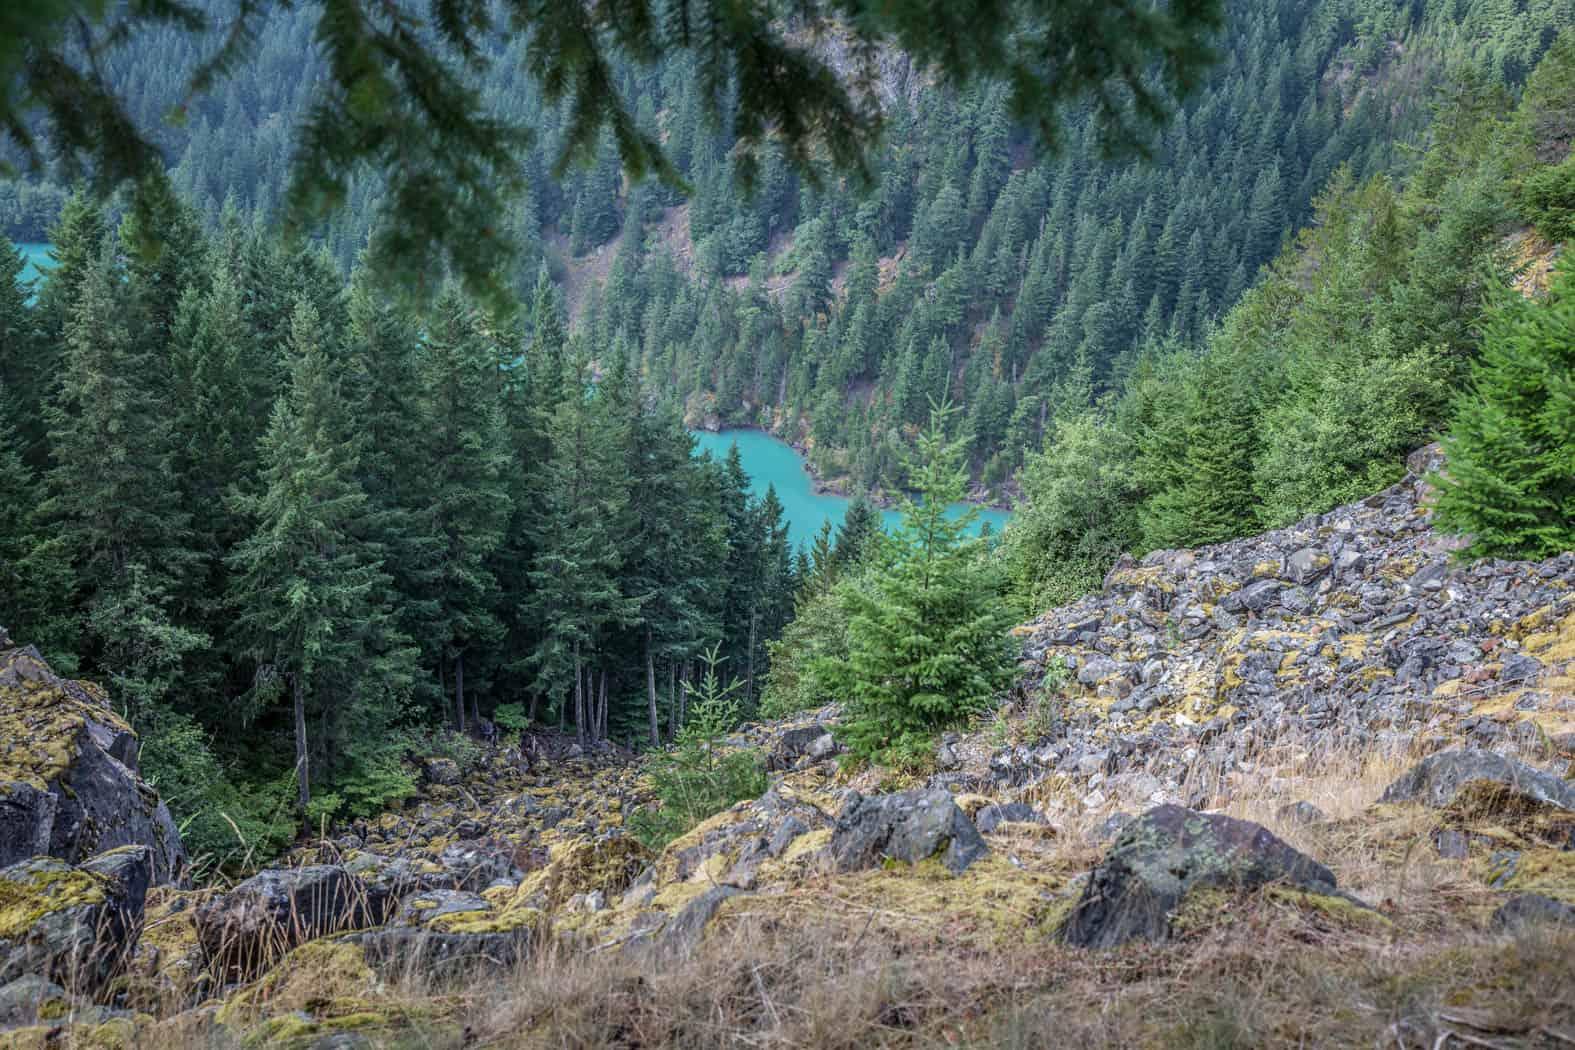 Diablo Lake in Washington State seen through the trees.